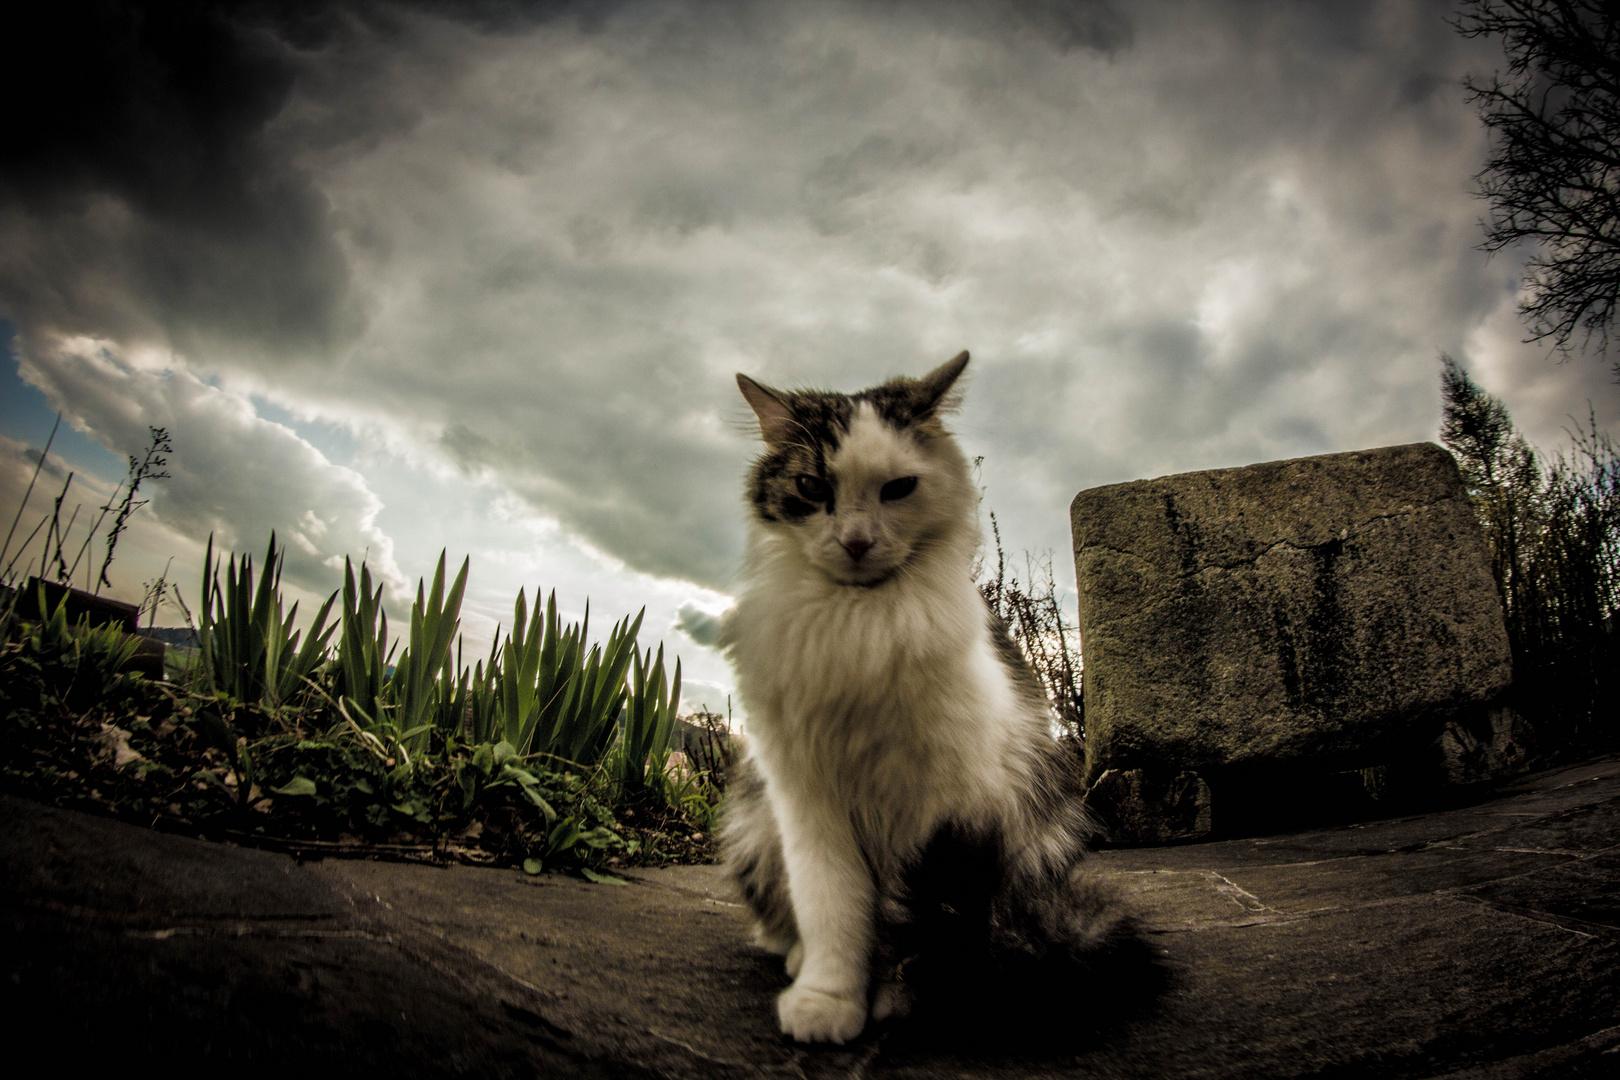 The Mystic Cat